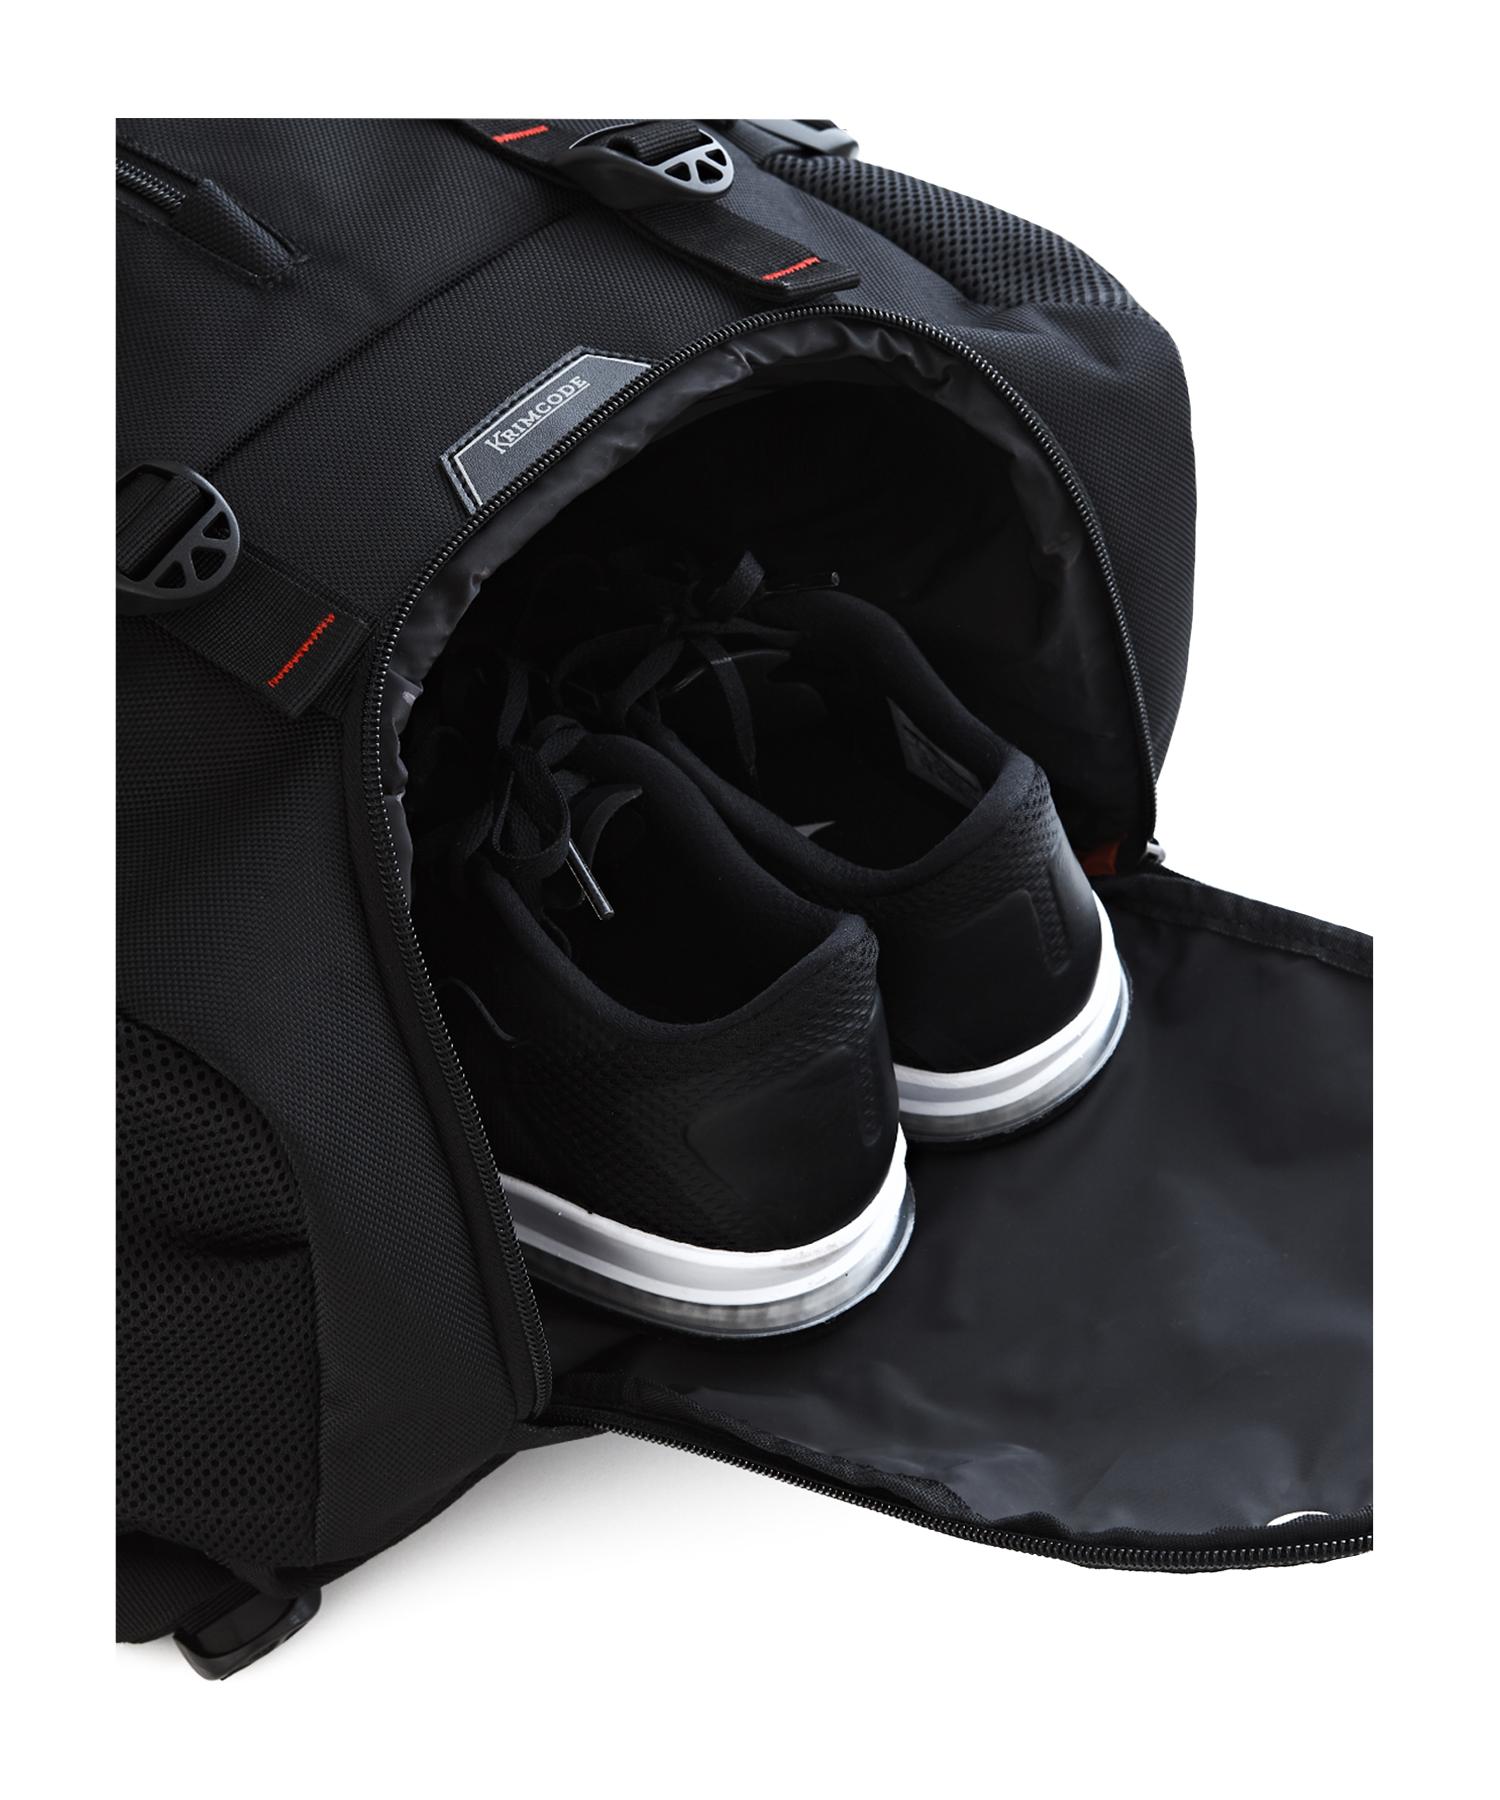 shoe in a bag